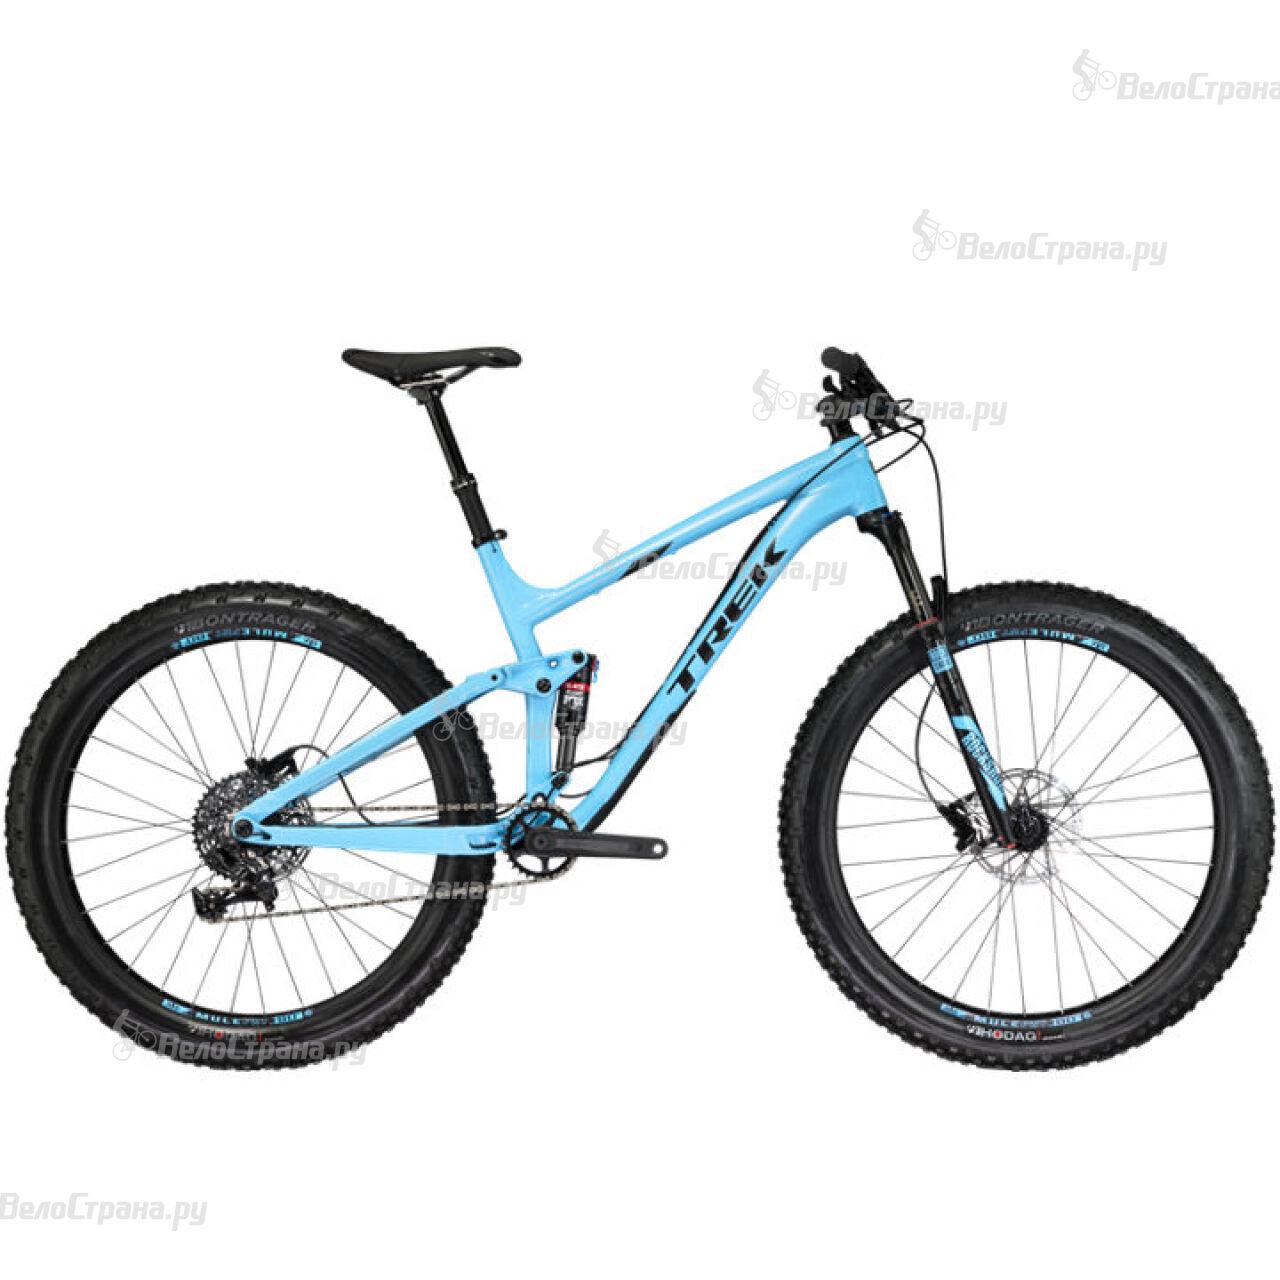 Велосипед Trek Farley EX 8 (2017) trek fuel ex 9 27 5